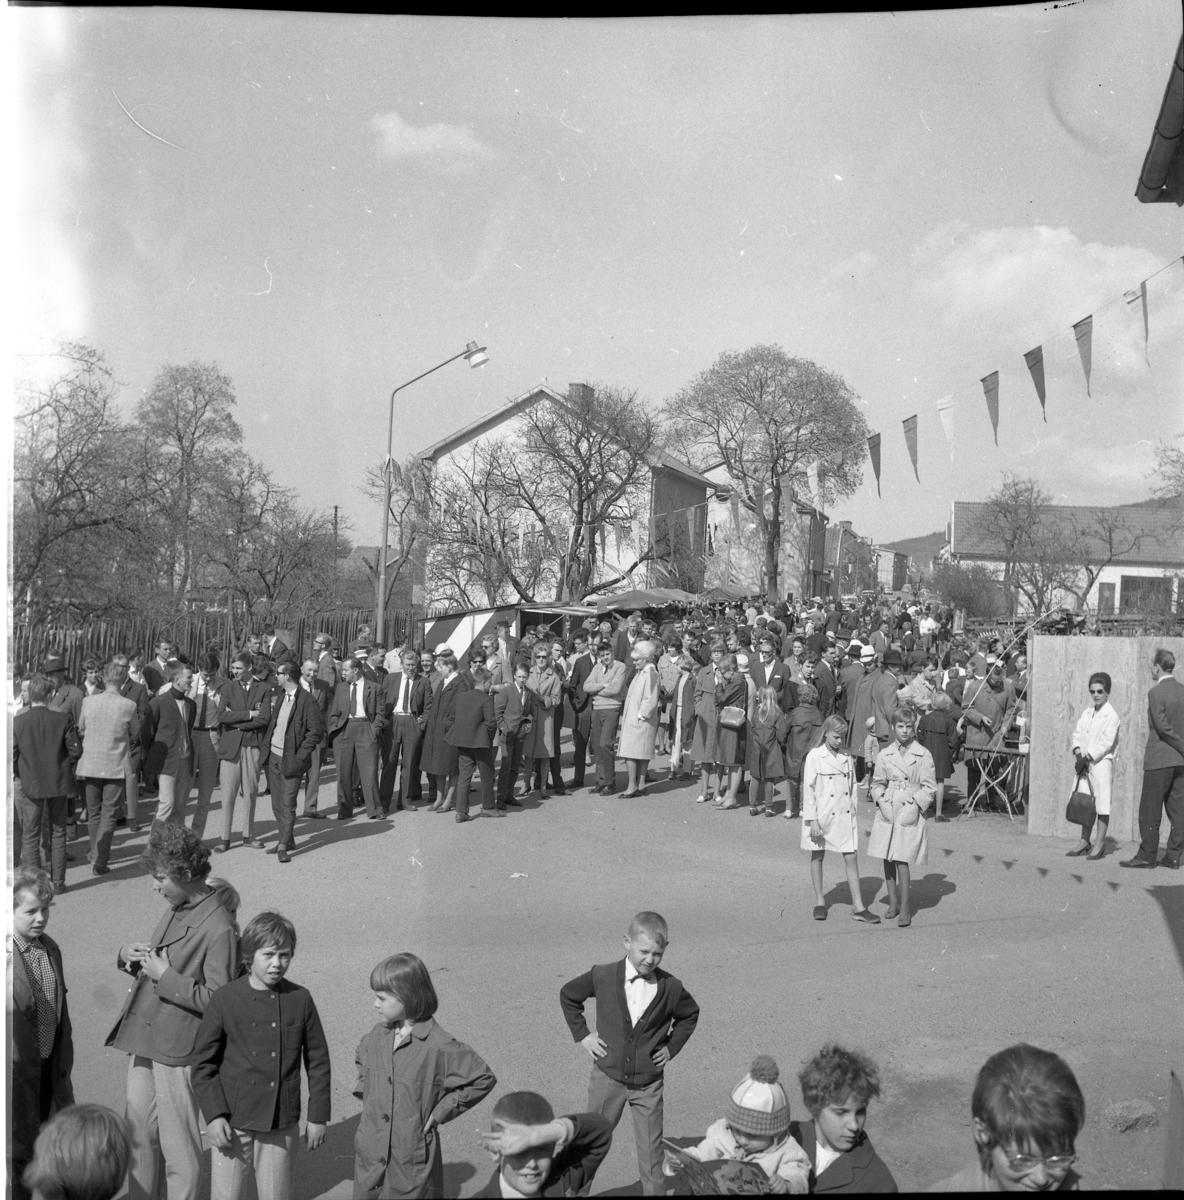 Lions vårmarknad 1964. Barn och vuxna samlade på Sjögatans södra del, nedanför Hallska gården. I folksamlingen finns bland andra Daniel Björk, Gunilla och Lars Rundqvist (han har ljus tröja och hon är blond med ljus kappa.